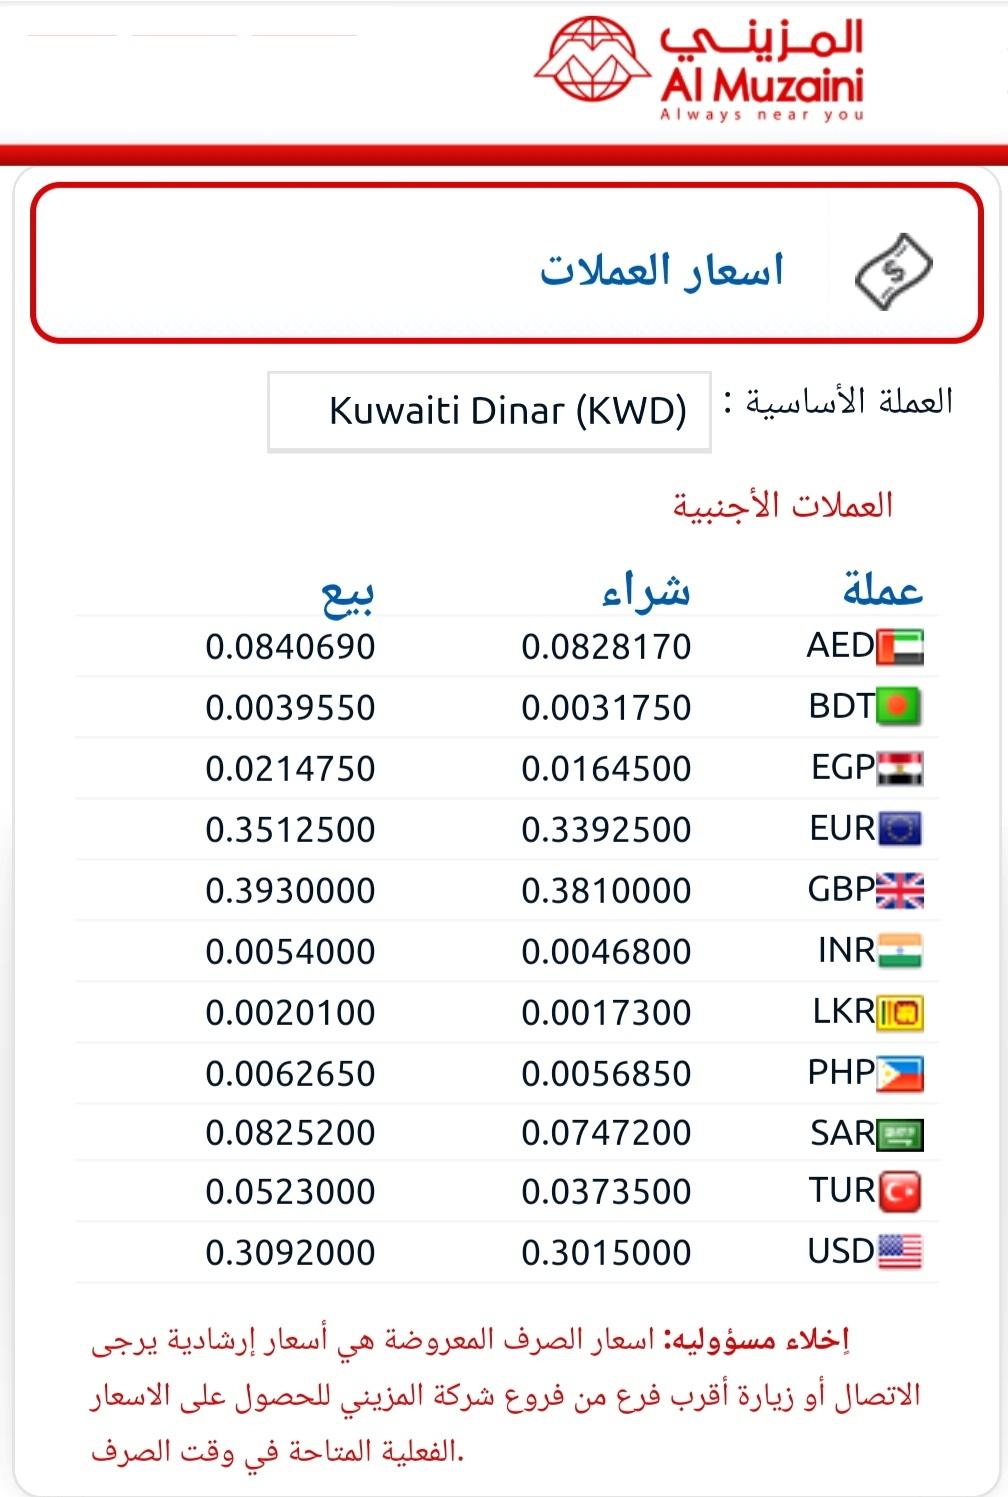 شركة المزيني الكويت سعر تحويل الف جنيه مصري مقابل دينار كويتي والعملات ١٠ يوليو